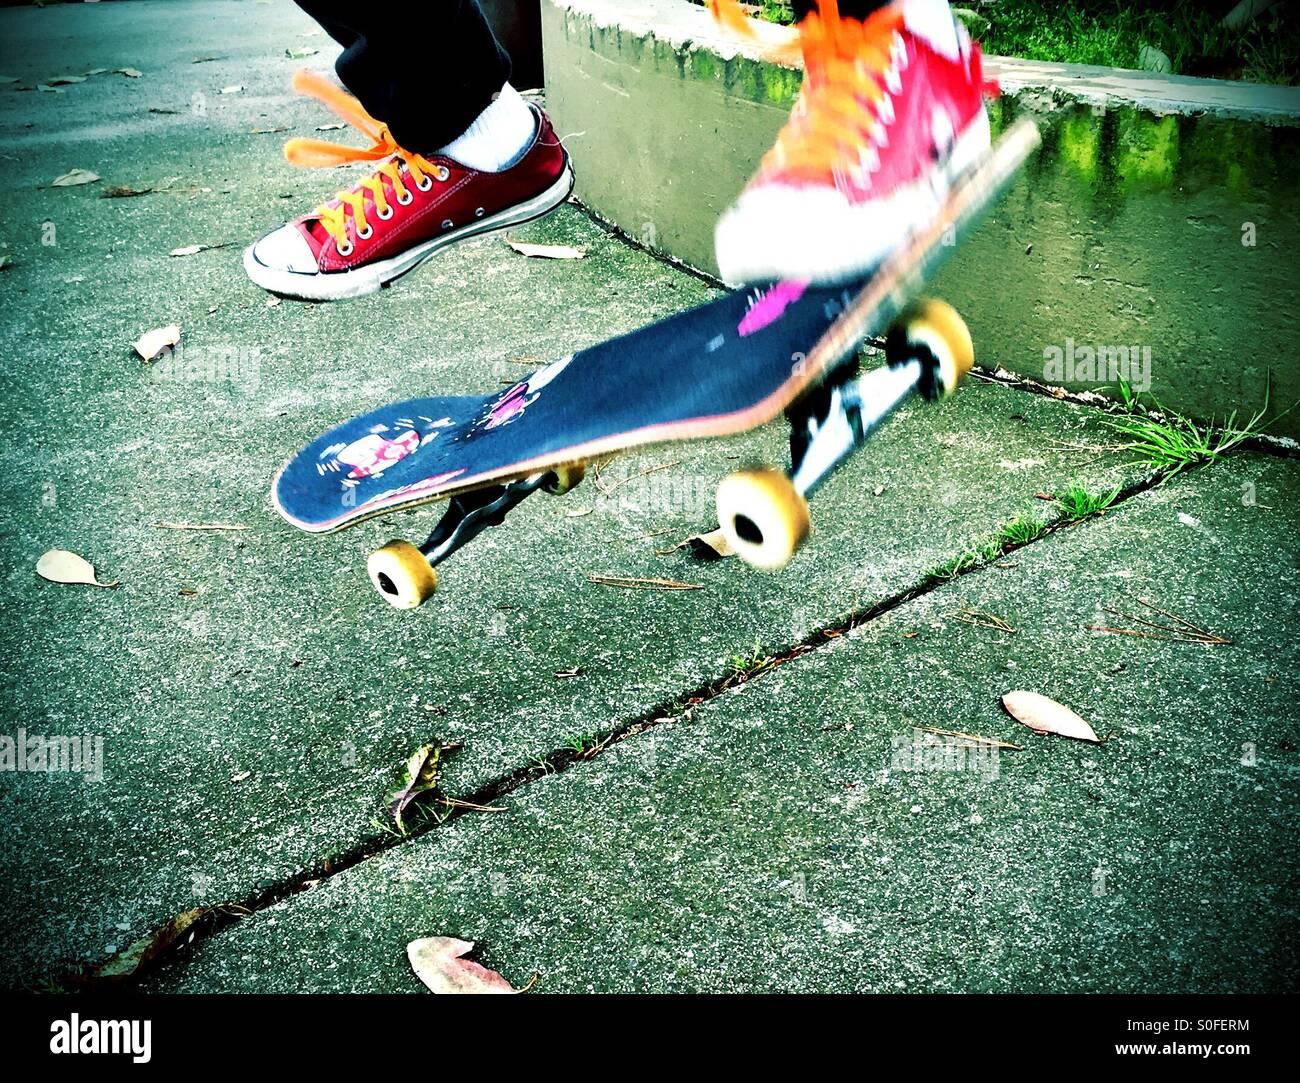 Come ottenere aria, calci, saltando, ribaltamento skateboard mentre rivestita in red sneakers con lacci delle scarpe Immagini Stock